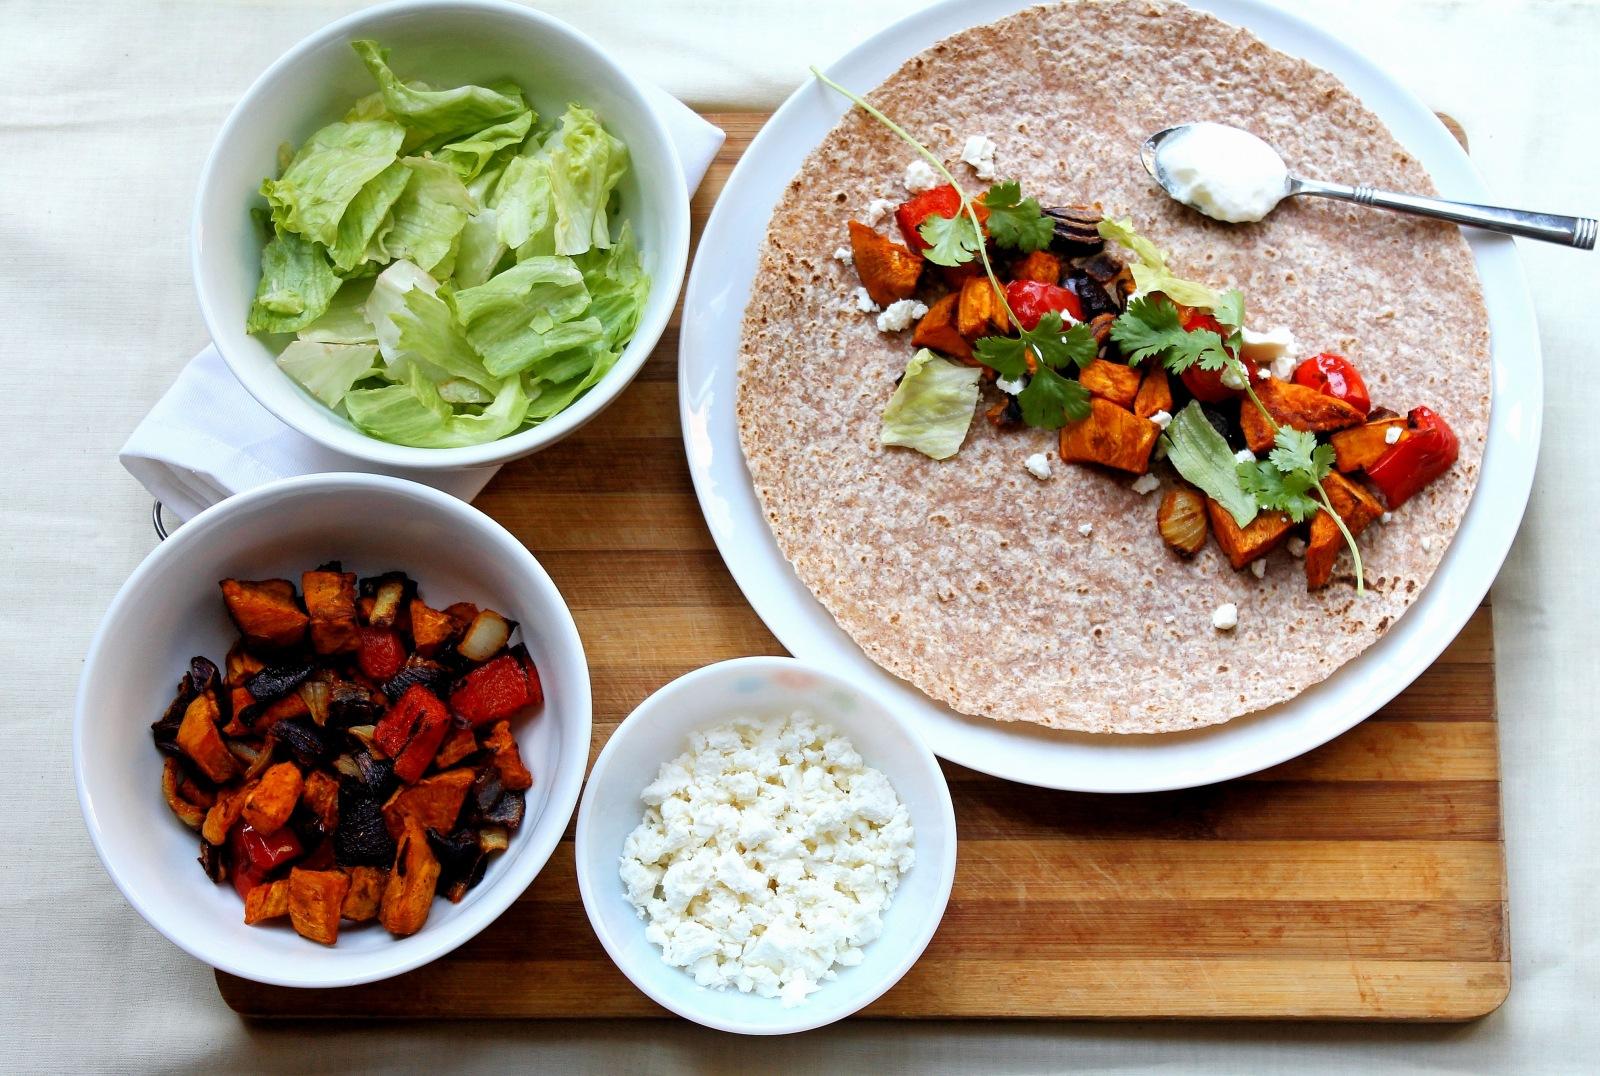 Curried Sweet Potato Mexican Fajita Recipe